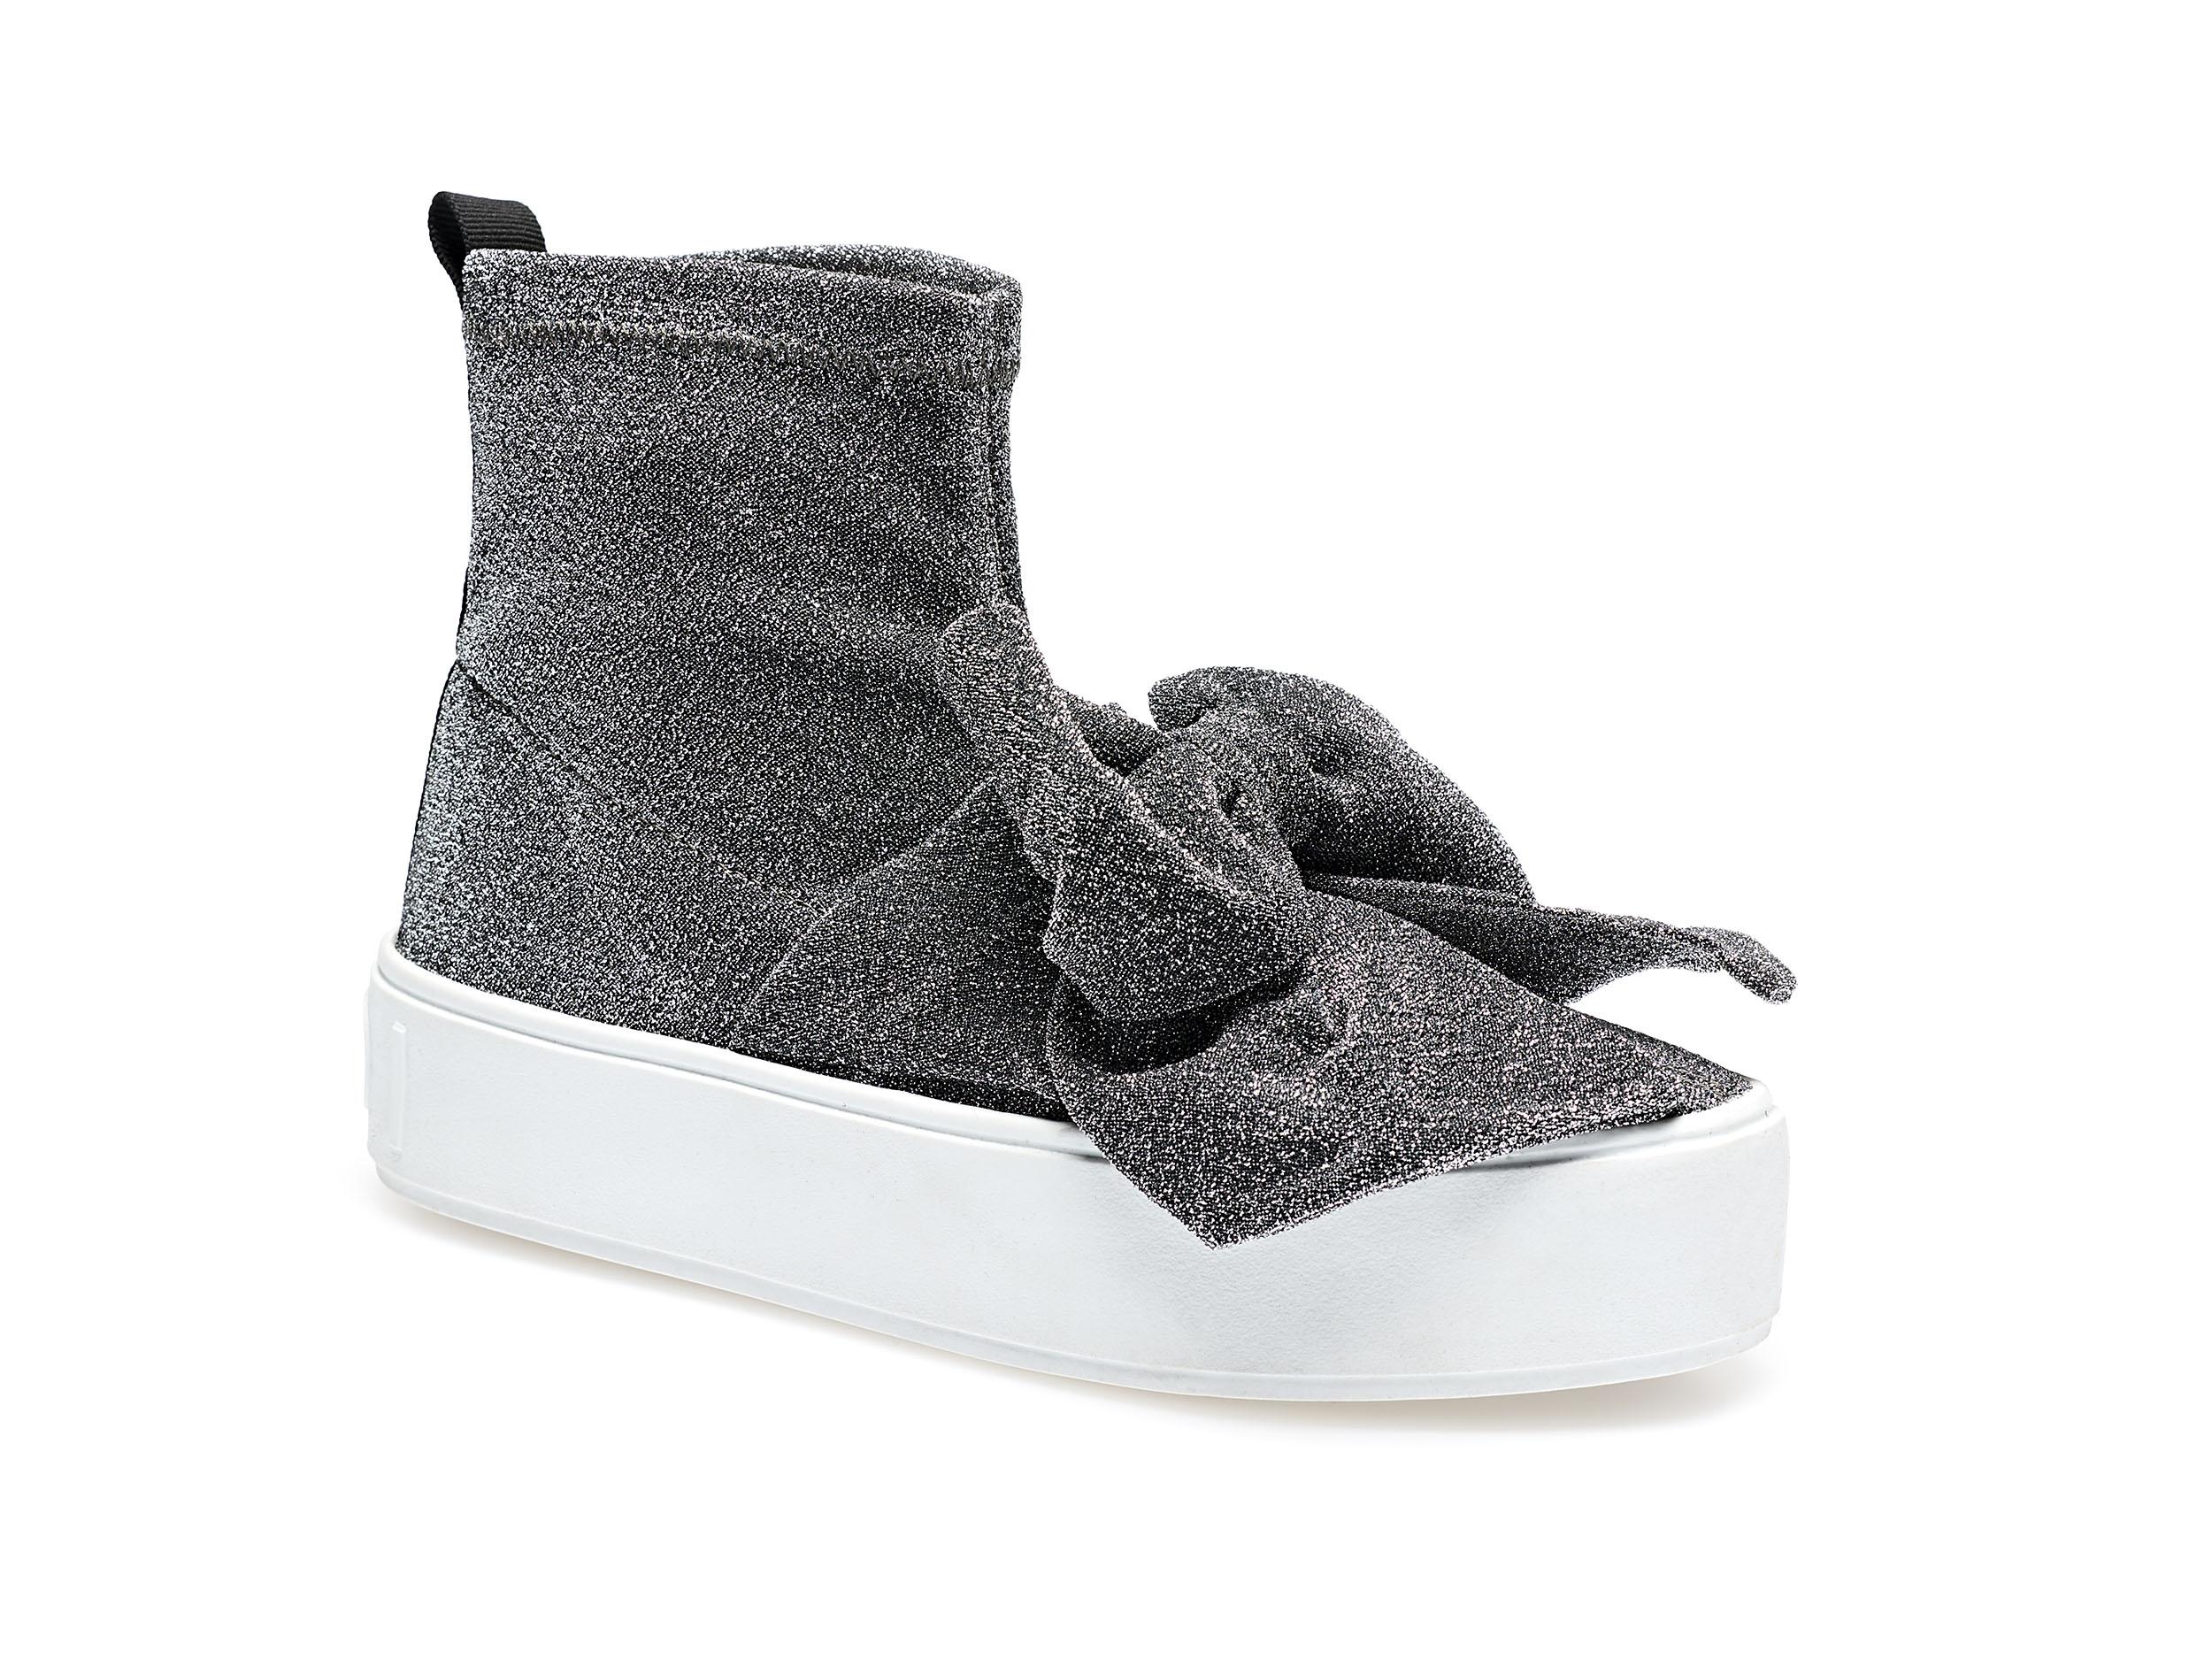 Sneakera calza brillante argento